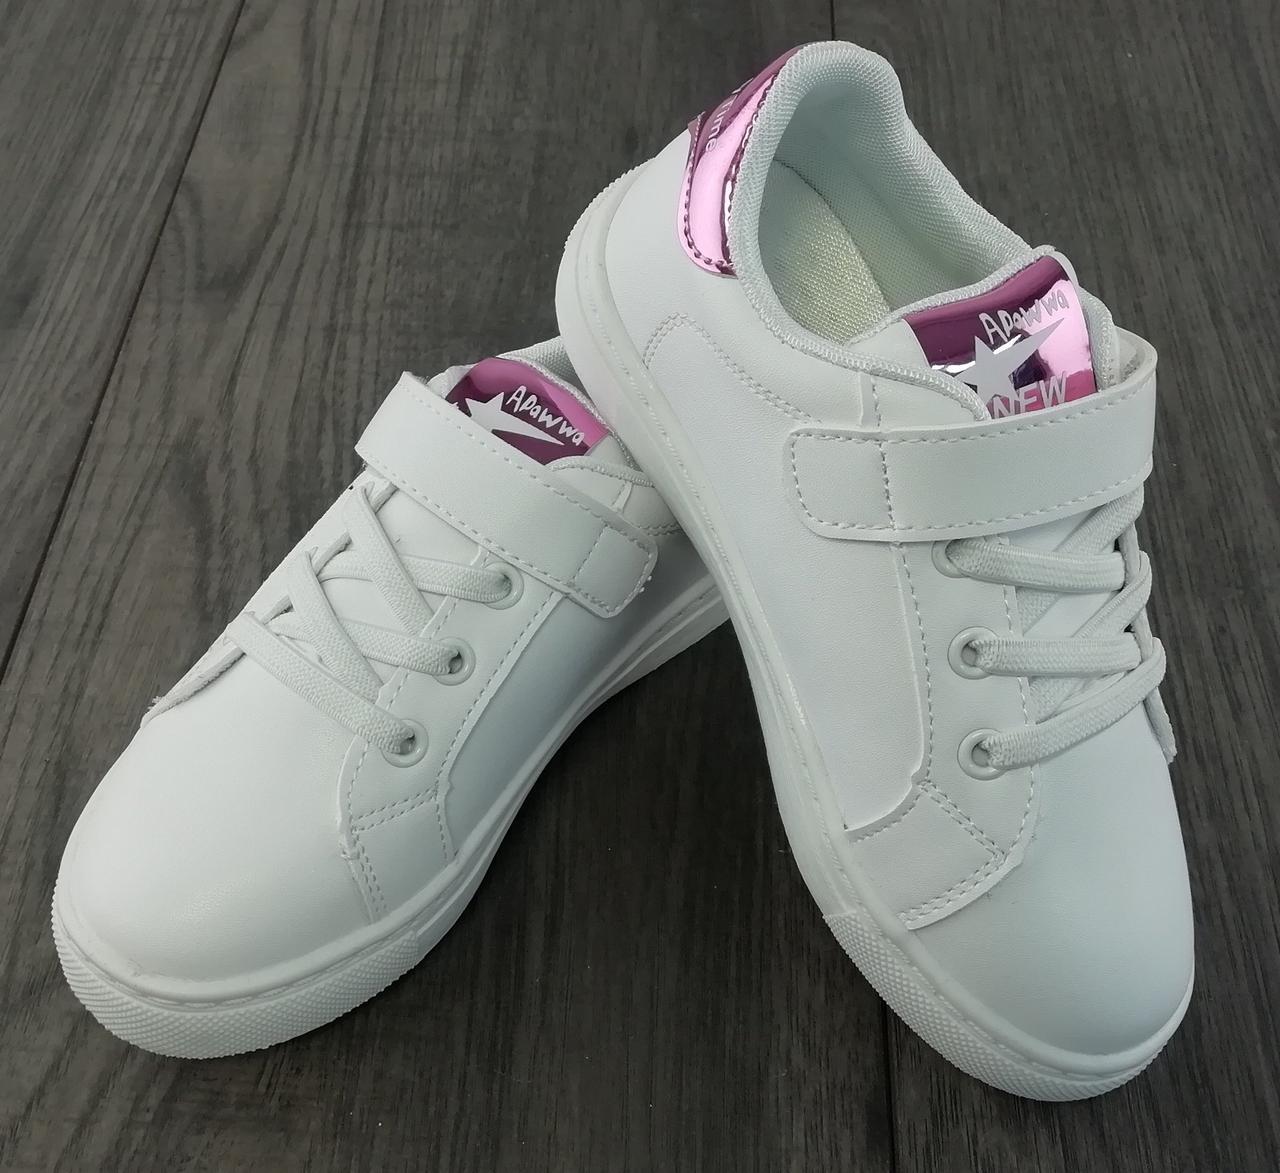 f12fb431 Кроссовки для девочек Белый/розовый Apawwa 27 - интернет-магазин